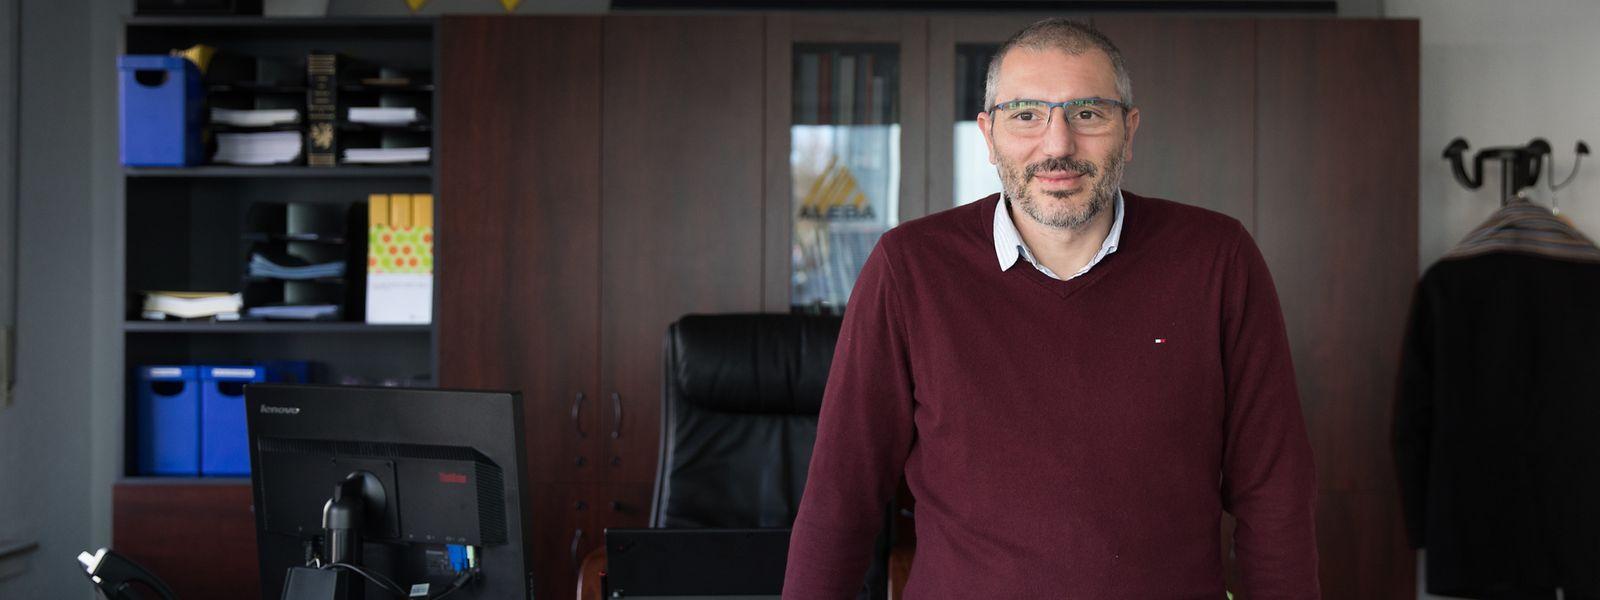 Pour Roberto Mendolia, président de l'Aleba, la nouvelle convention collective «a été faite pour que les gens ne perdent rien».